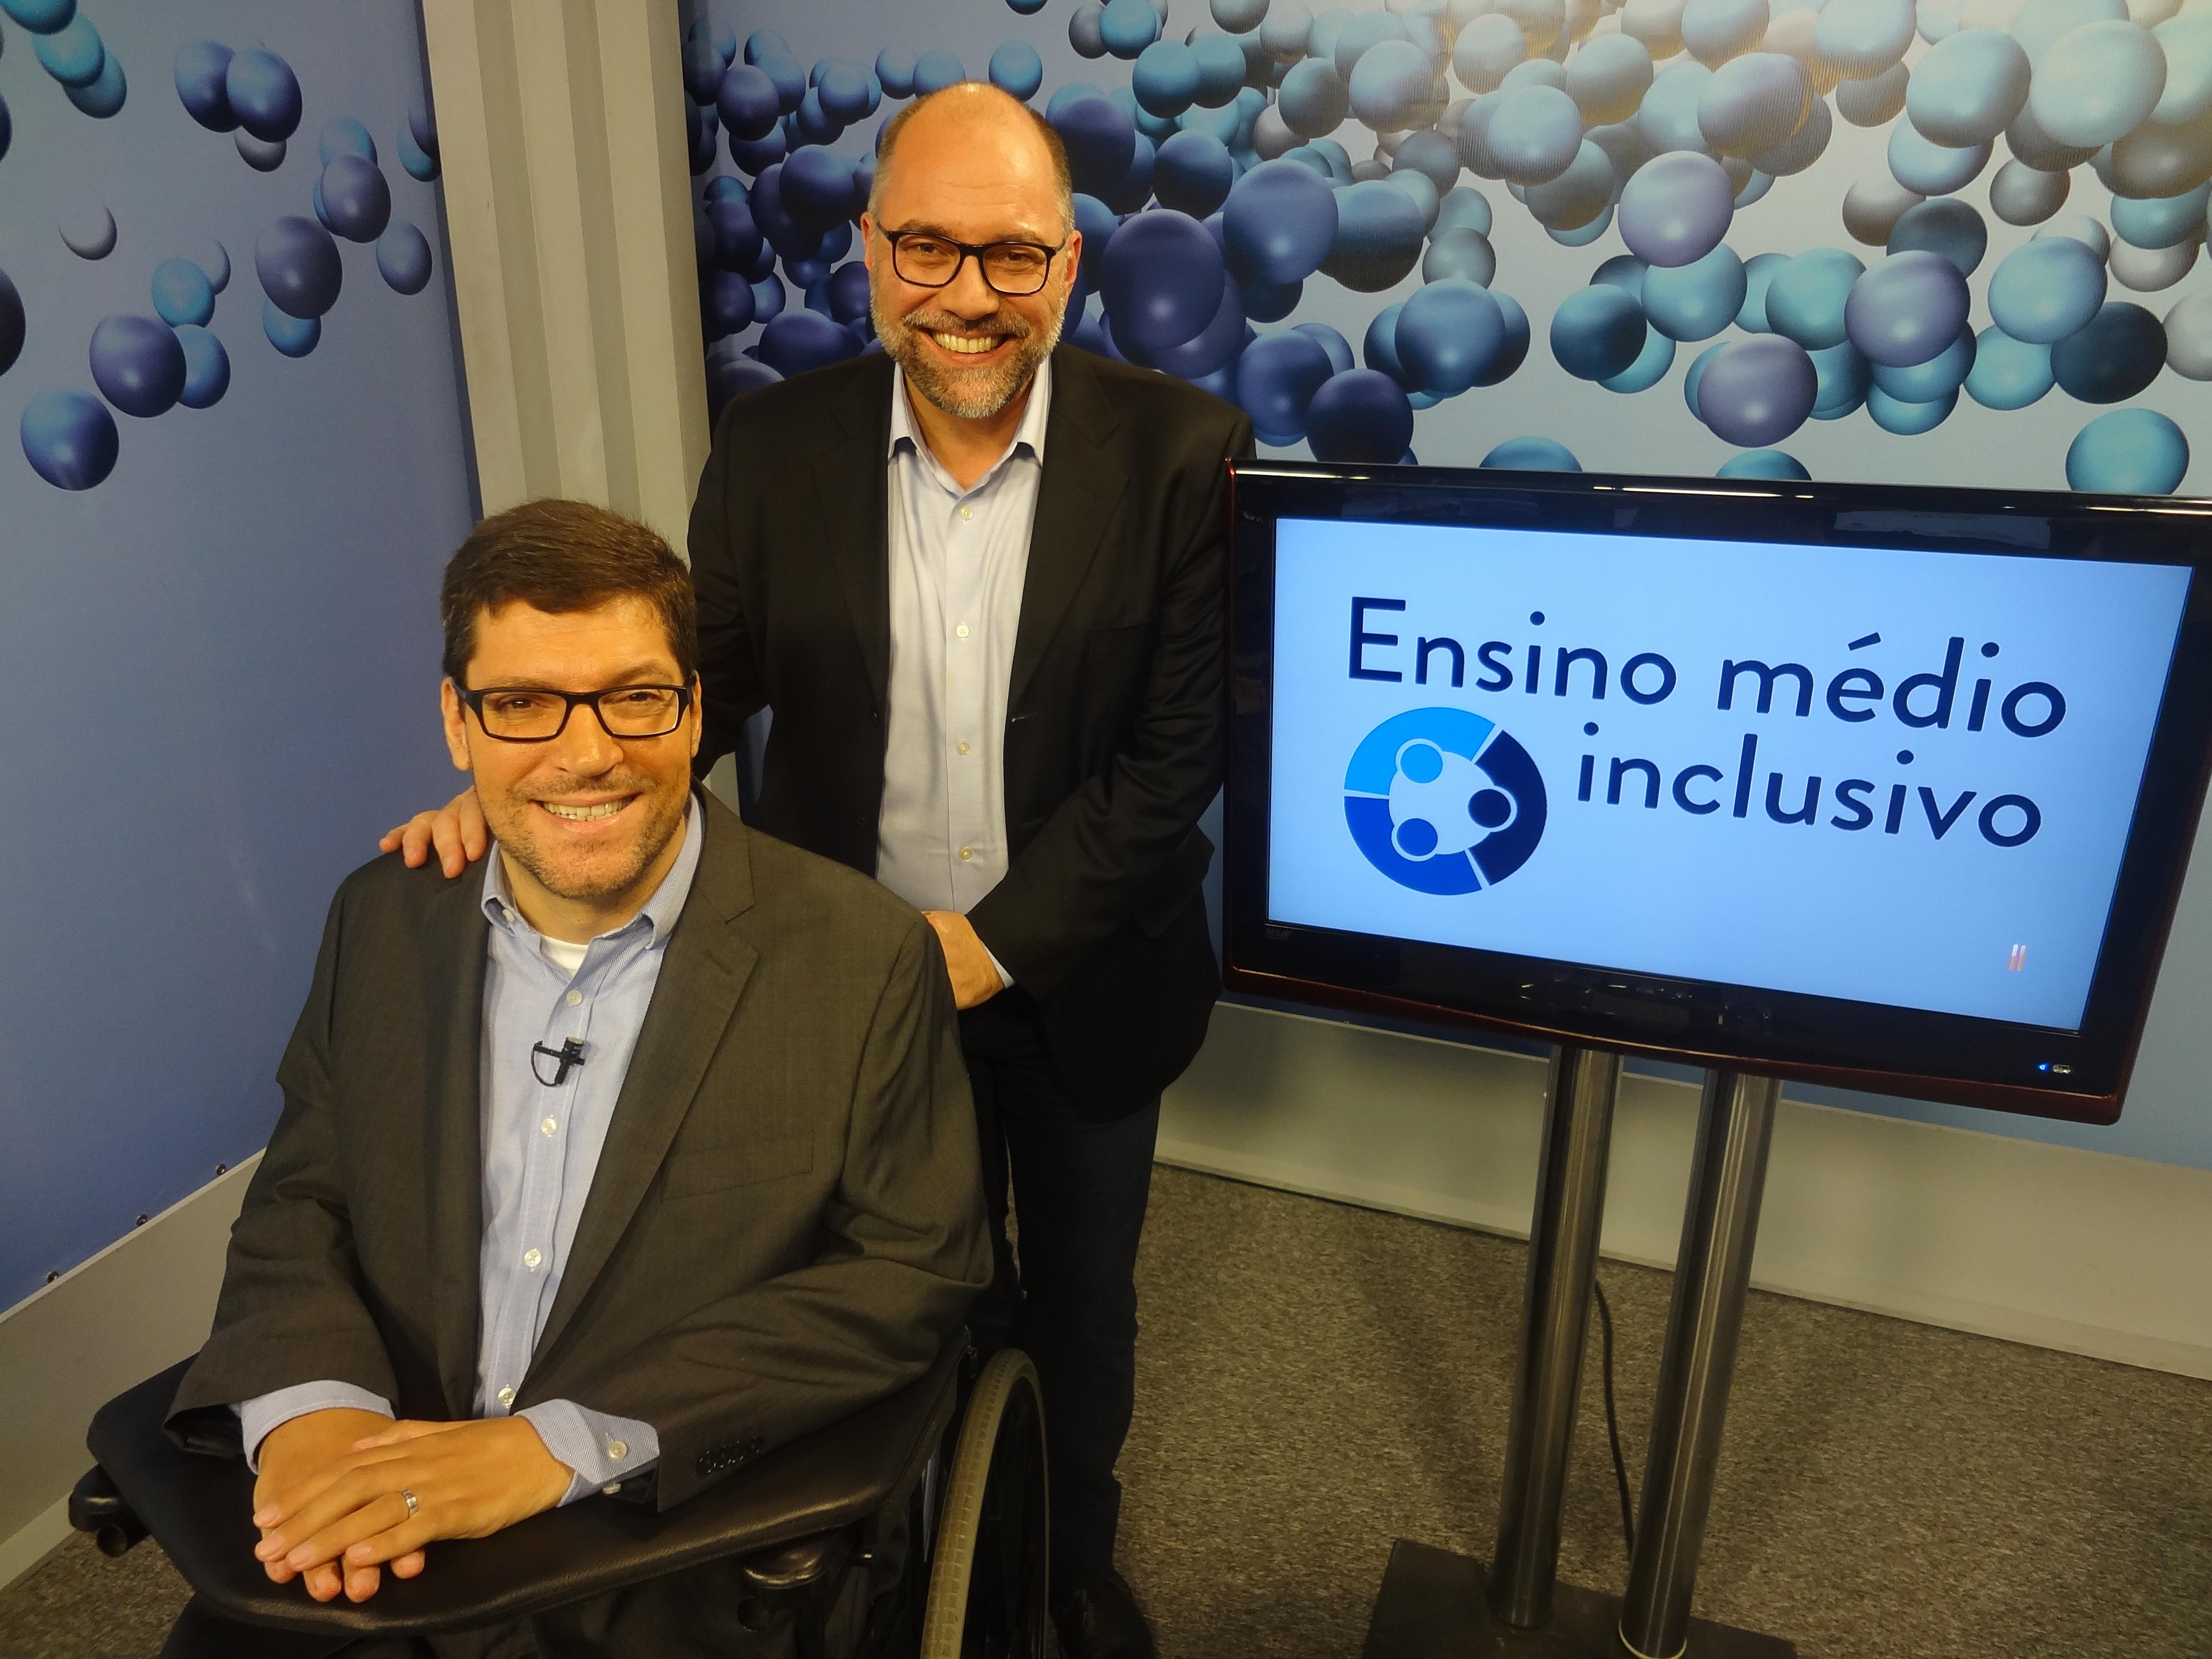 Rodrigo Hübner Mendes e Ricardo Henriques sorriem, ao lado televisão com o logo do Ensino médio inclusivo